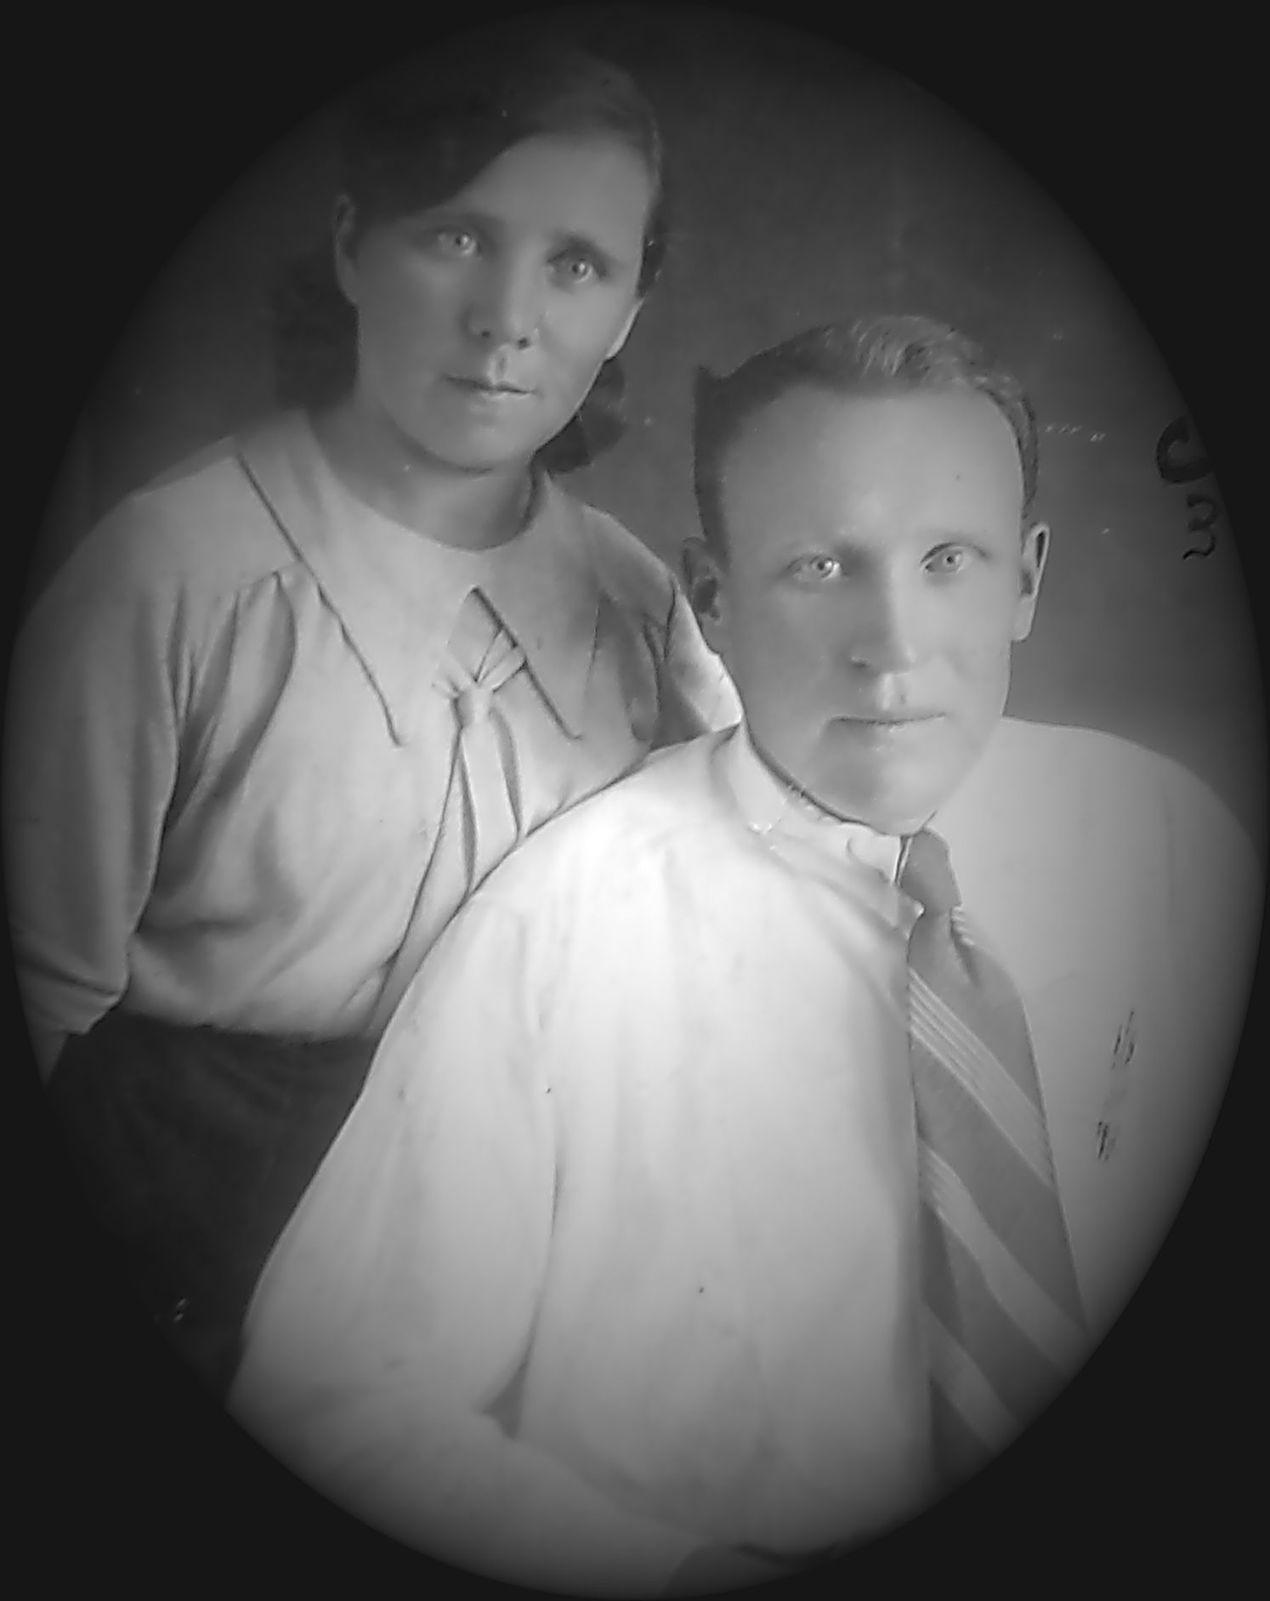 Он погиб при освобождении Белоруссии. Память о нем хранится благодаря письмам с фронта